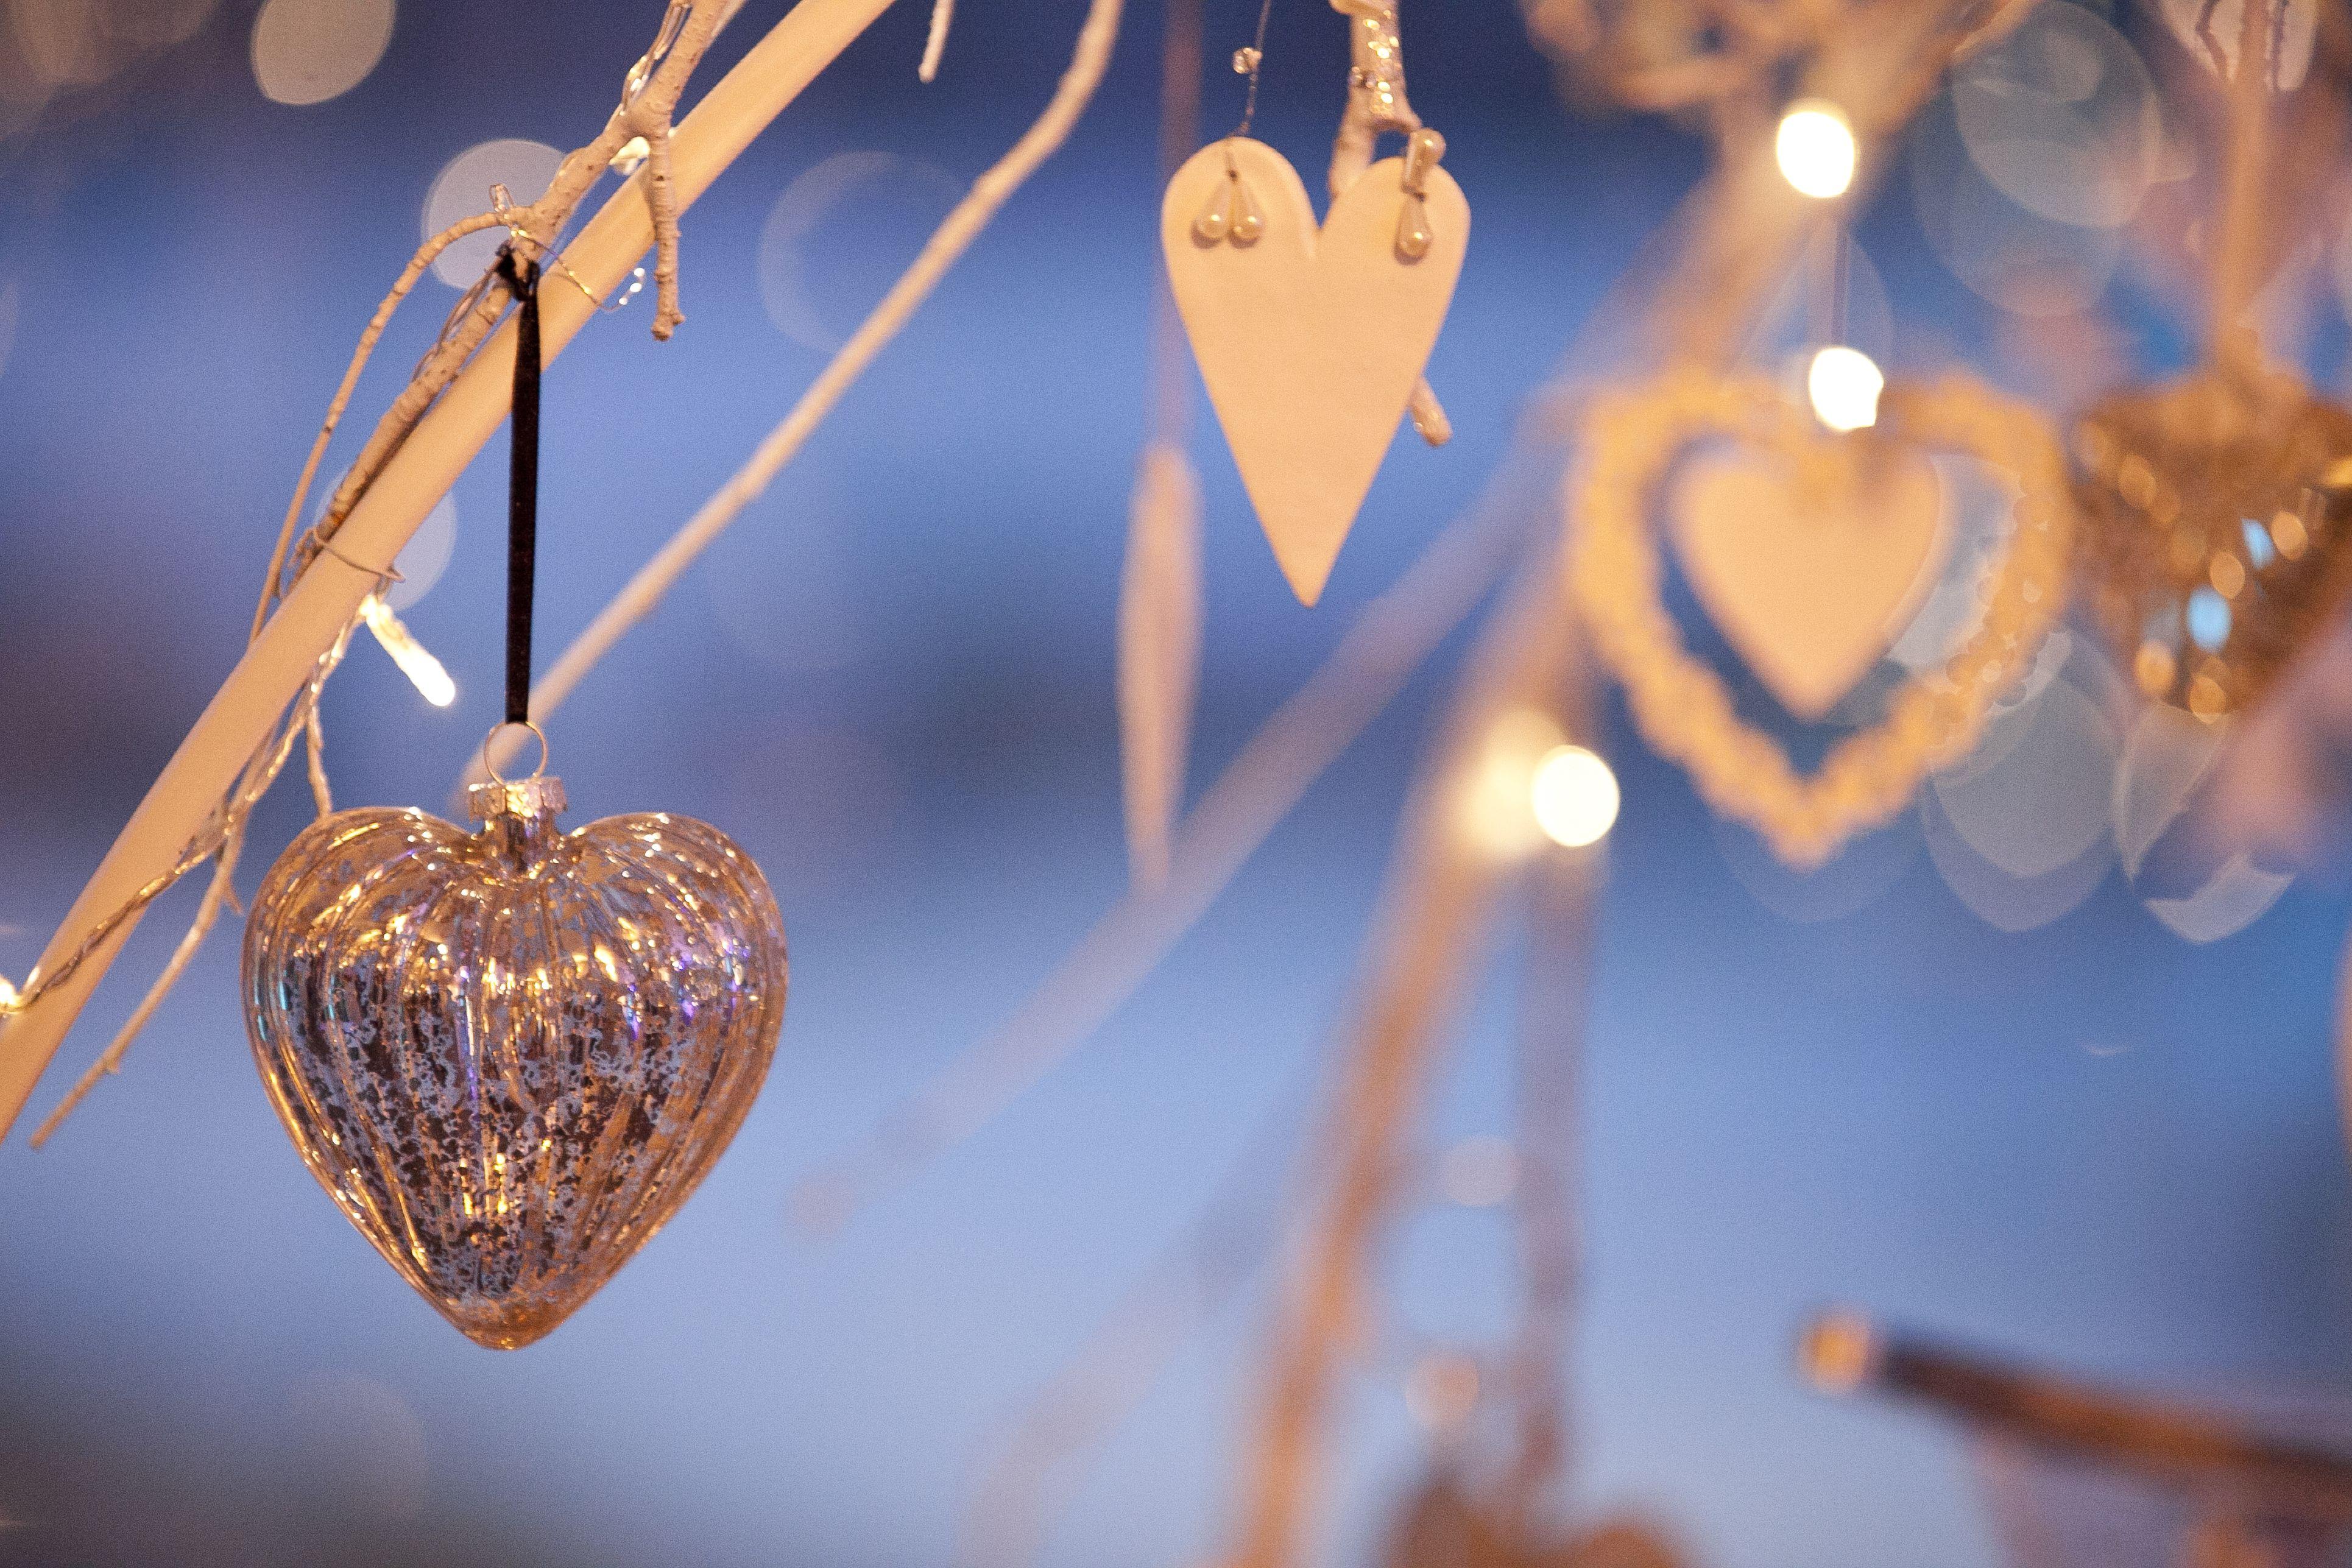 Alrewas Hayes Winter Christmas Wedding Decoration Fairy Lights Tree